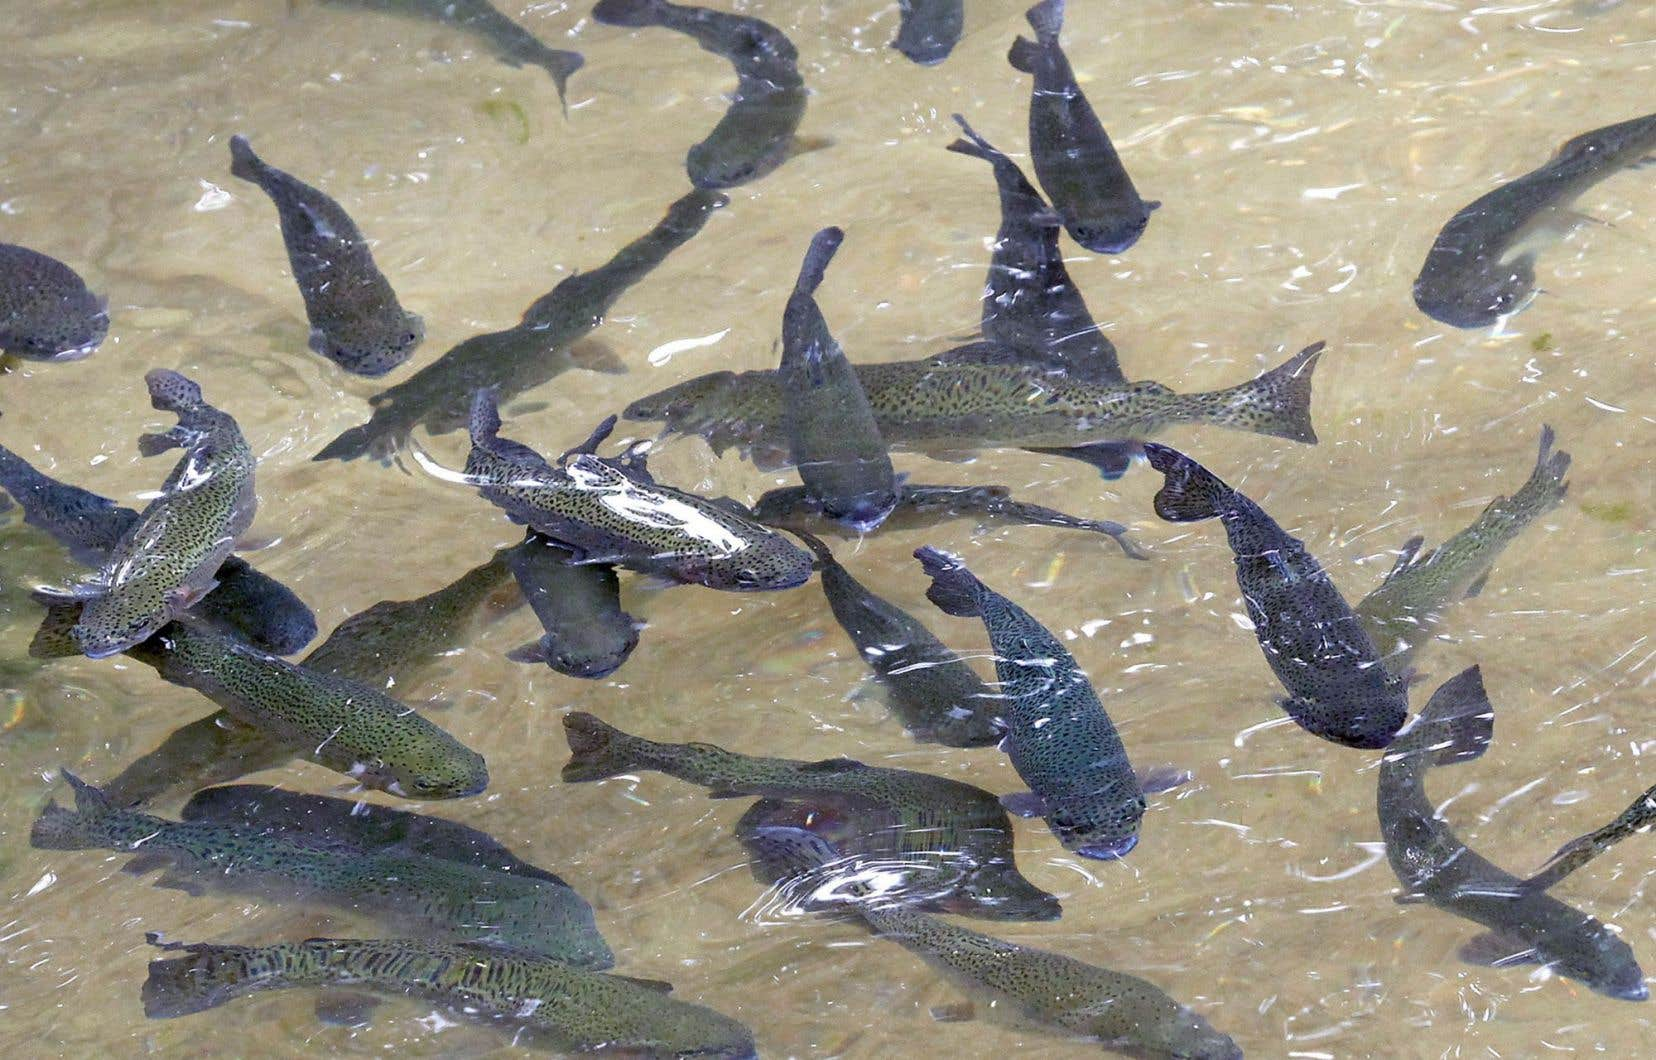 Nourrir les poissons d'élevage avec des poissons pêchés en mer est un non-sens, selon le professeur Pierre Blier de l'Université du Québec à Rimouski.